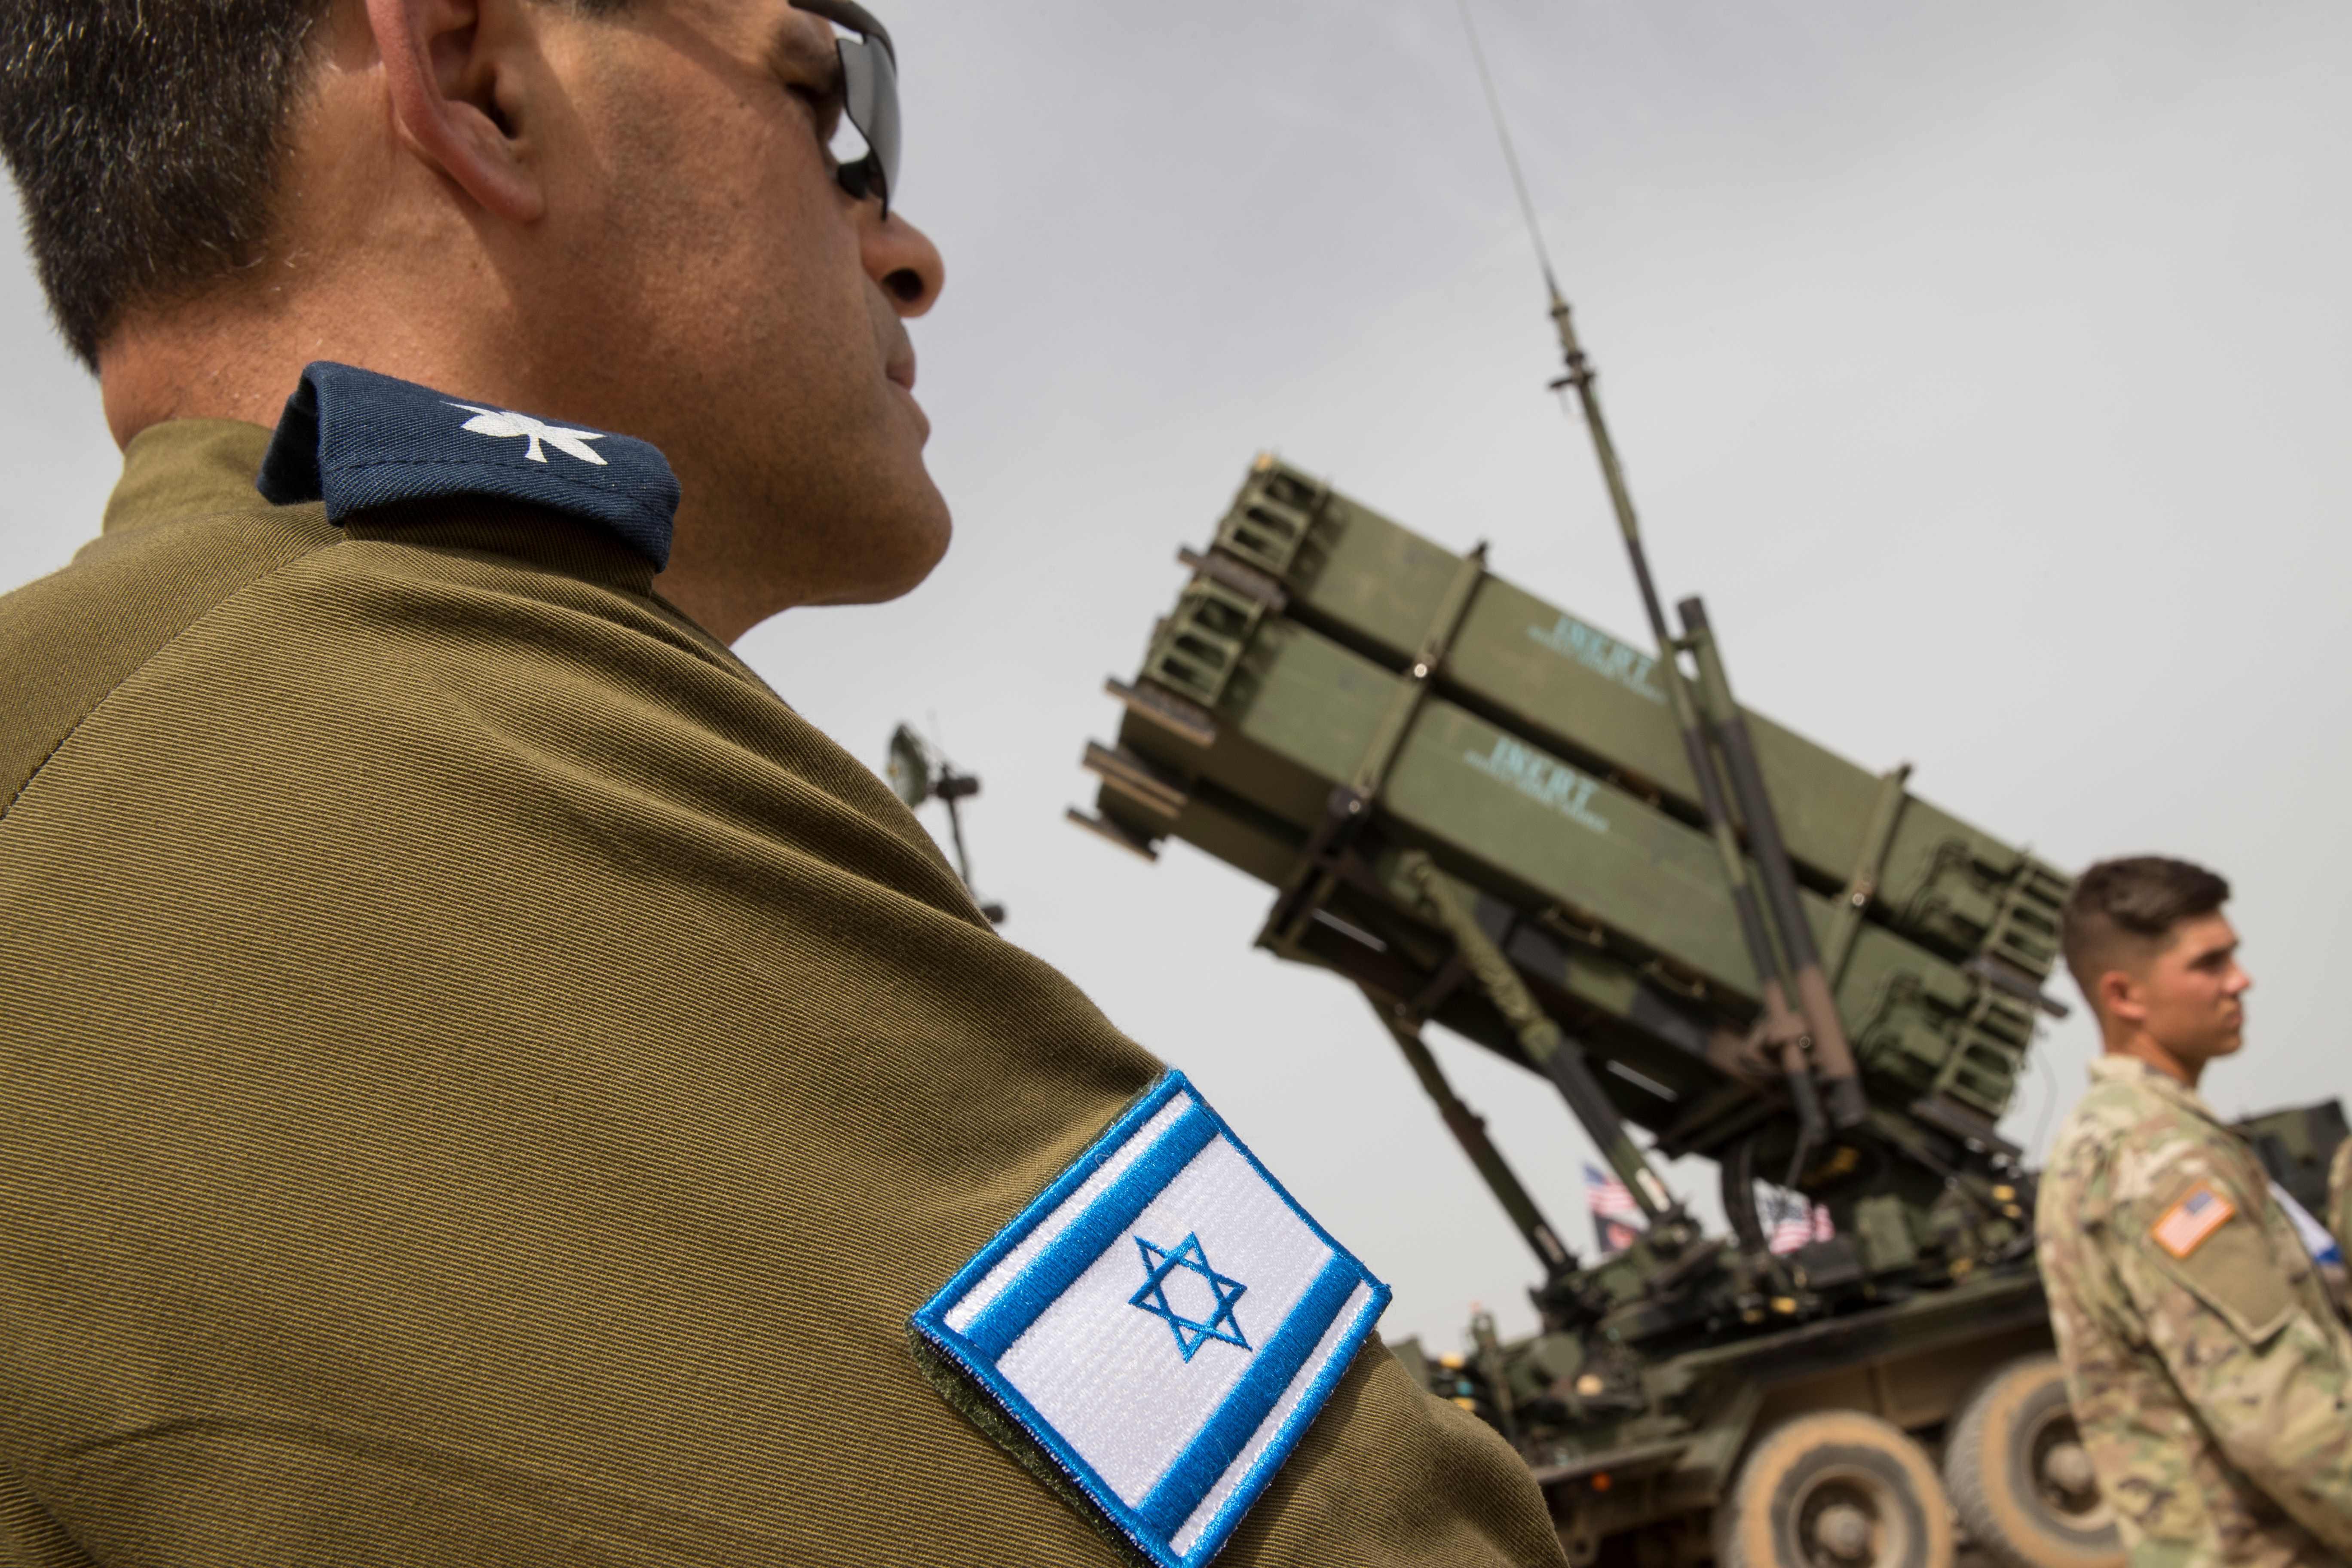 صور تدريبات عسكرية مشتركة بين القوات الأمريكية والإسرائيلية  1339303-242955-01-02